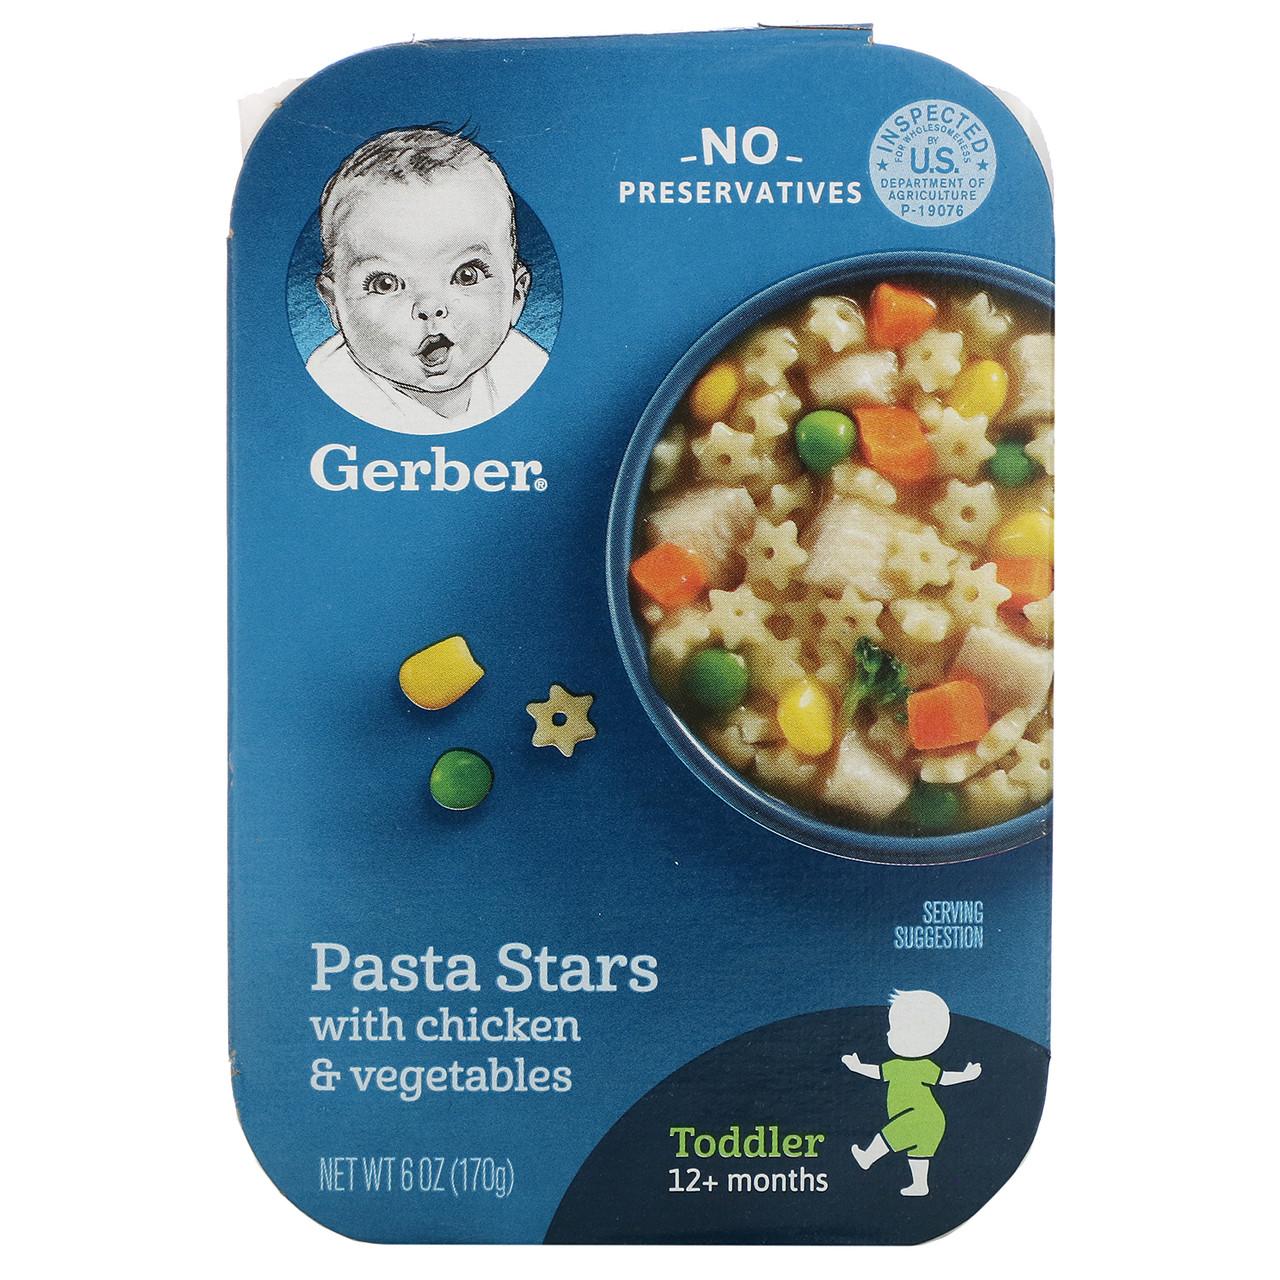 Детское питание, паста с курицей и овощами, (Graduates for Toddlers, Lil' Meals), Gerber, 170г